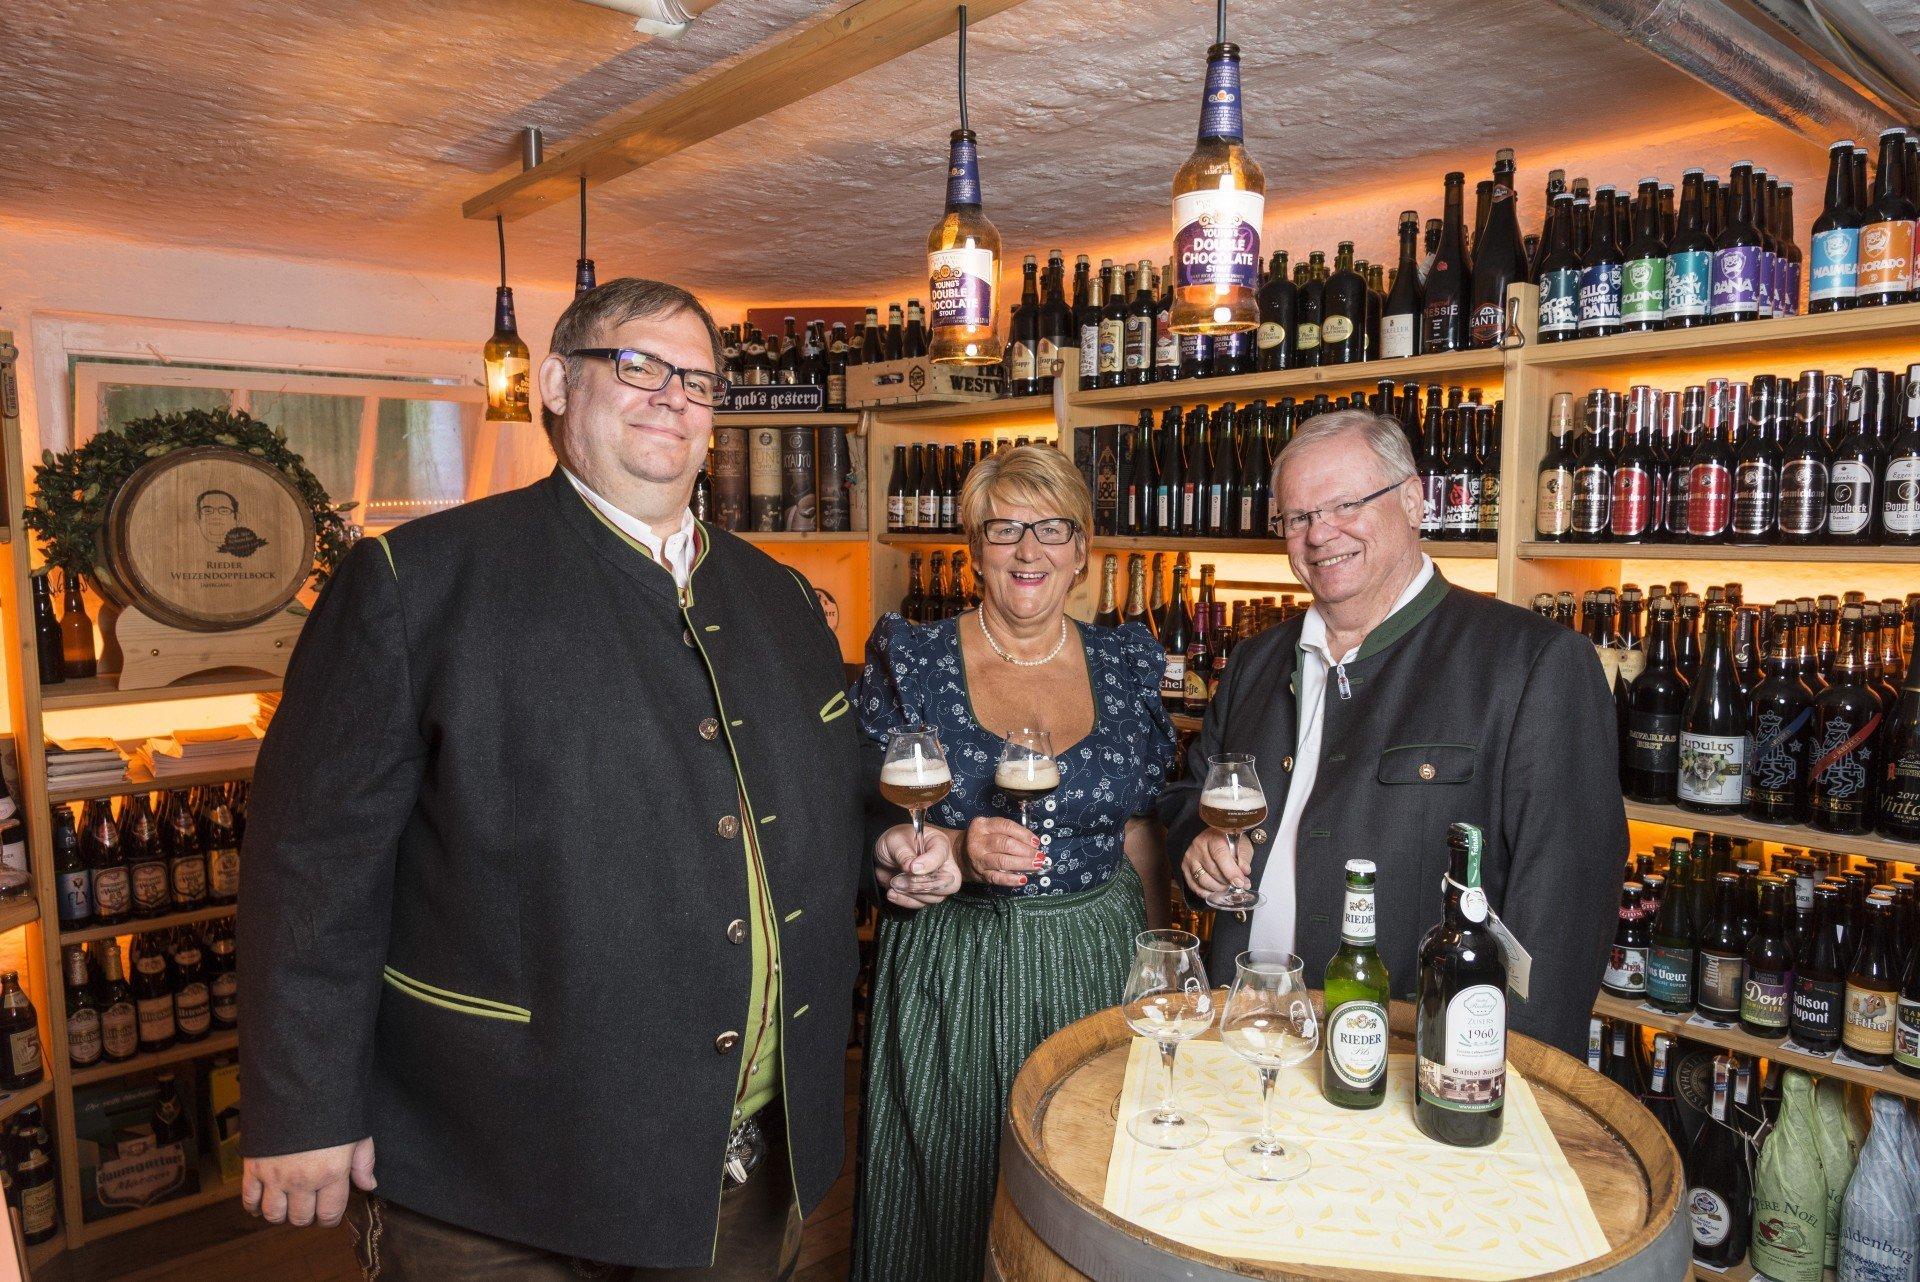 Biergasthof Riedberg | Unser einzigartiger Bierkeller